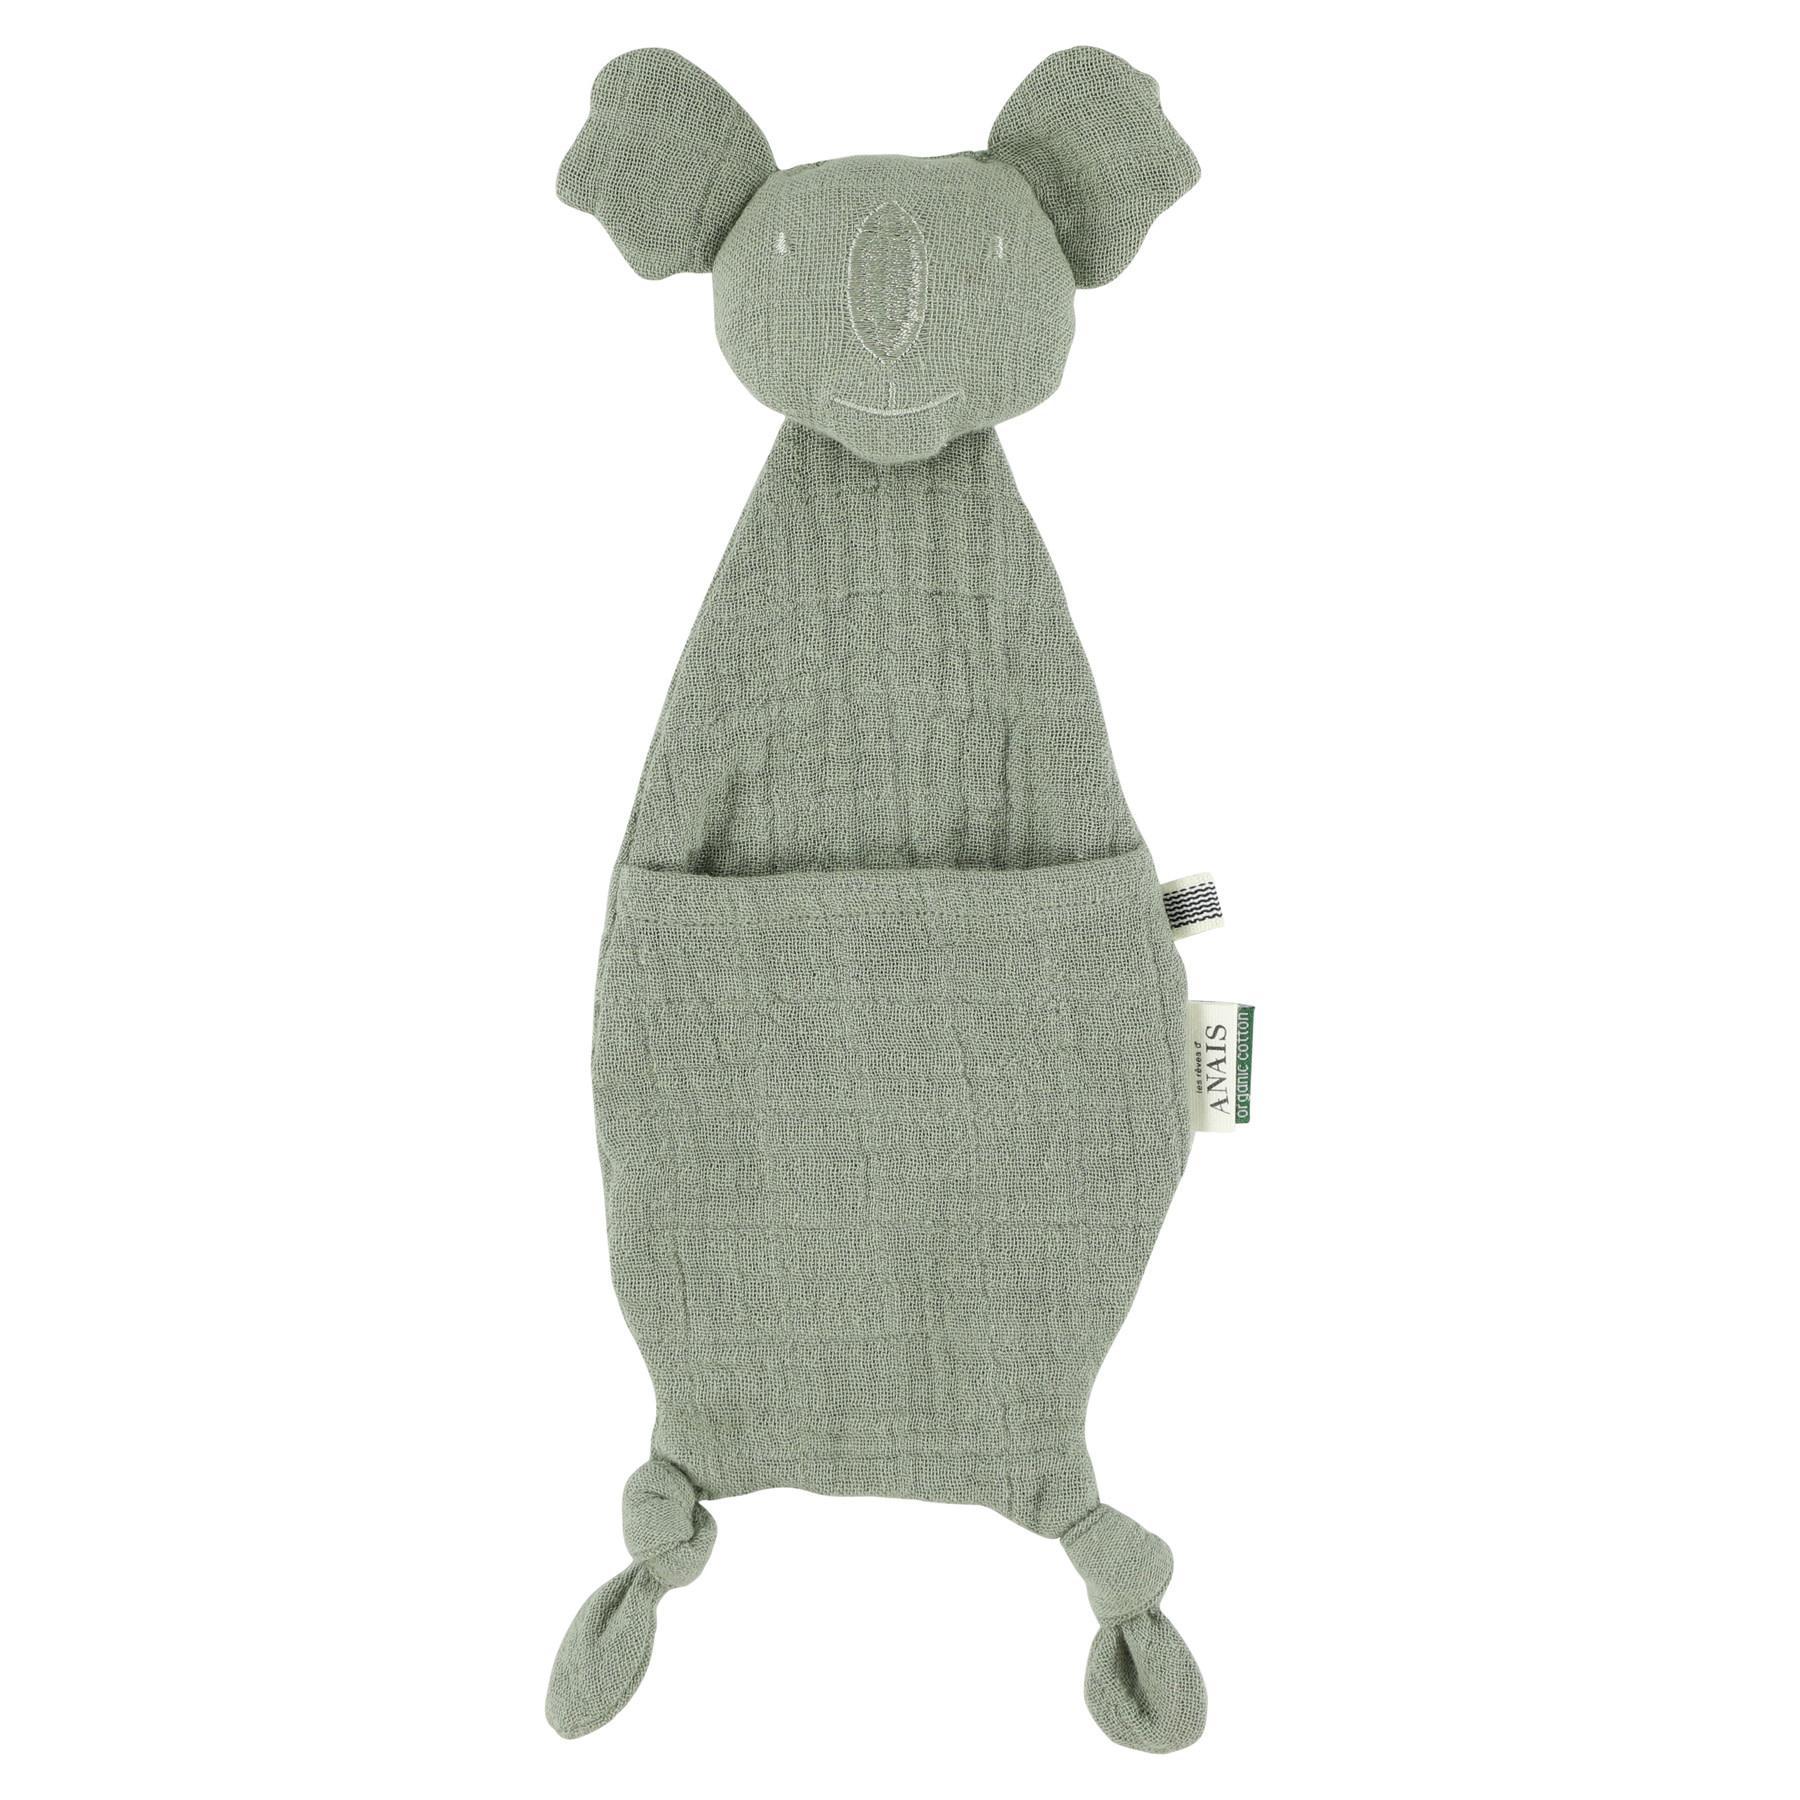 Fopspeendoekje koala bliss olive-1